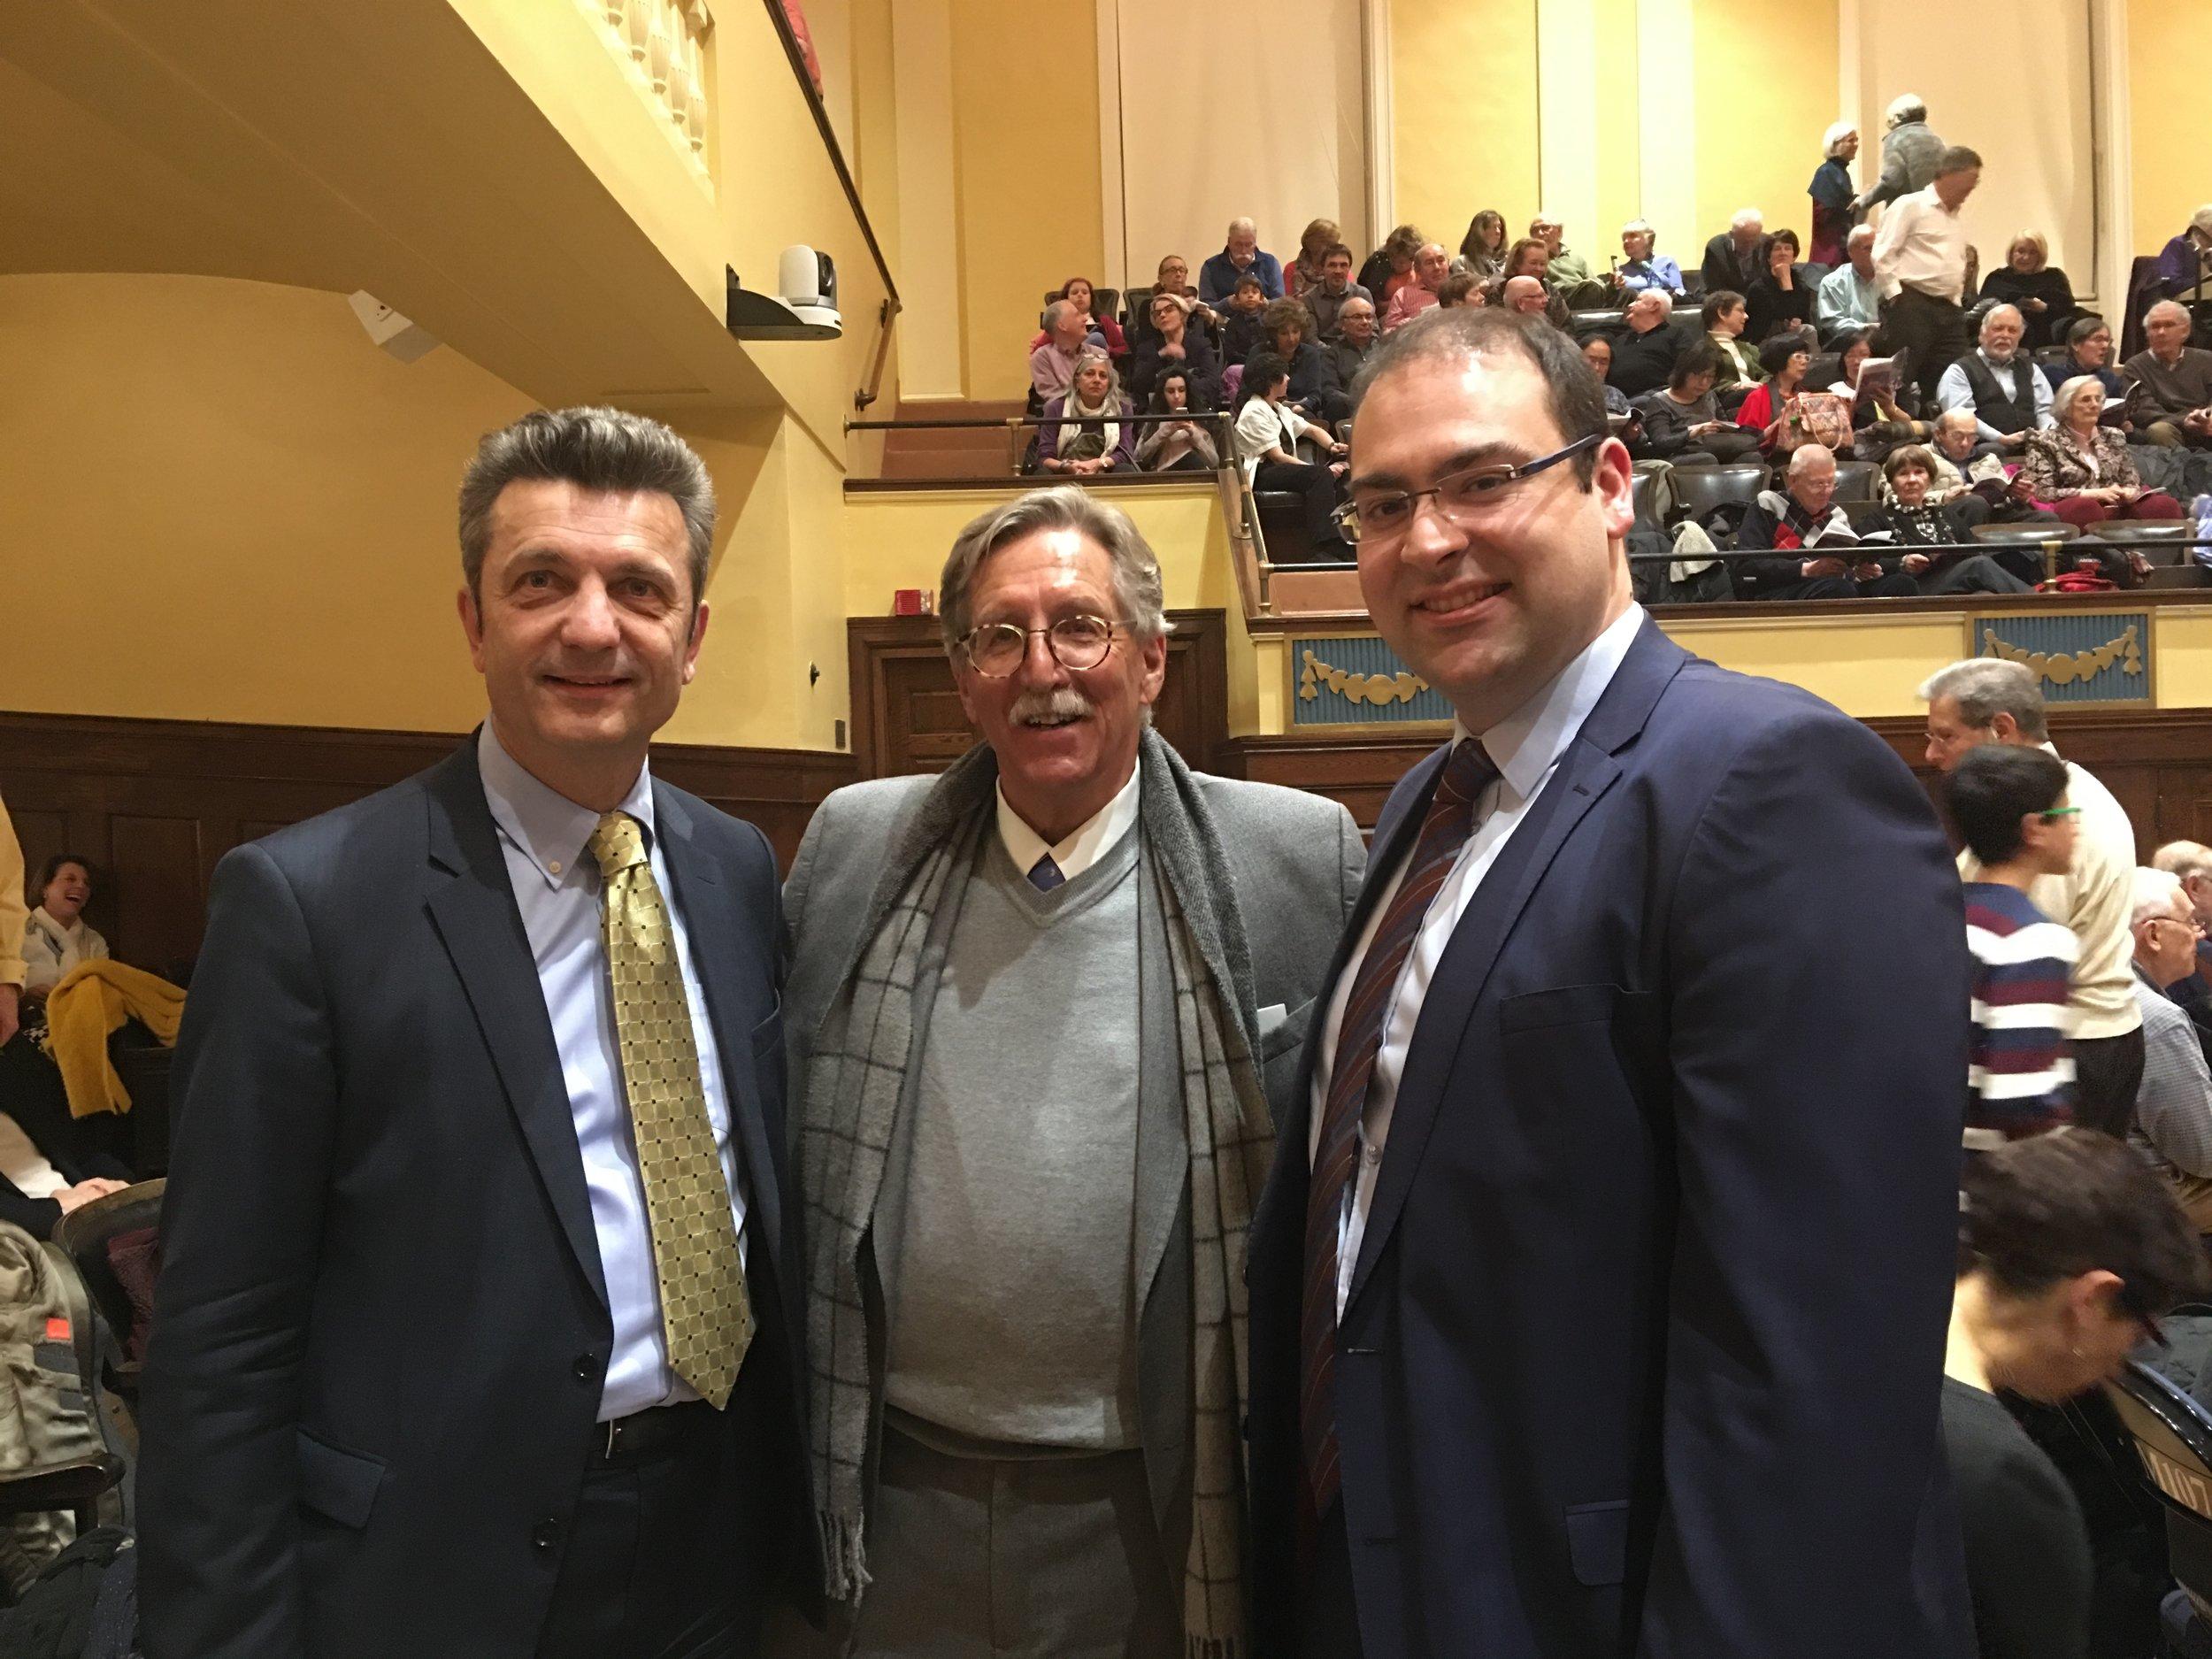 German Consul General Dr. Ralf Horlemann, Lorenz Reibling, Baris Perker